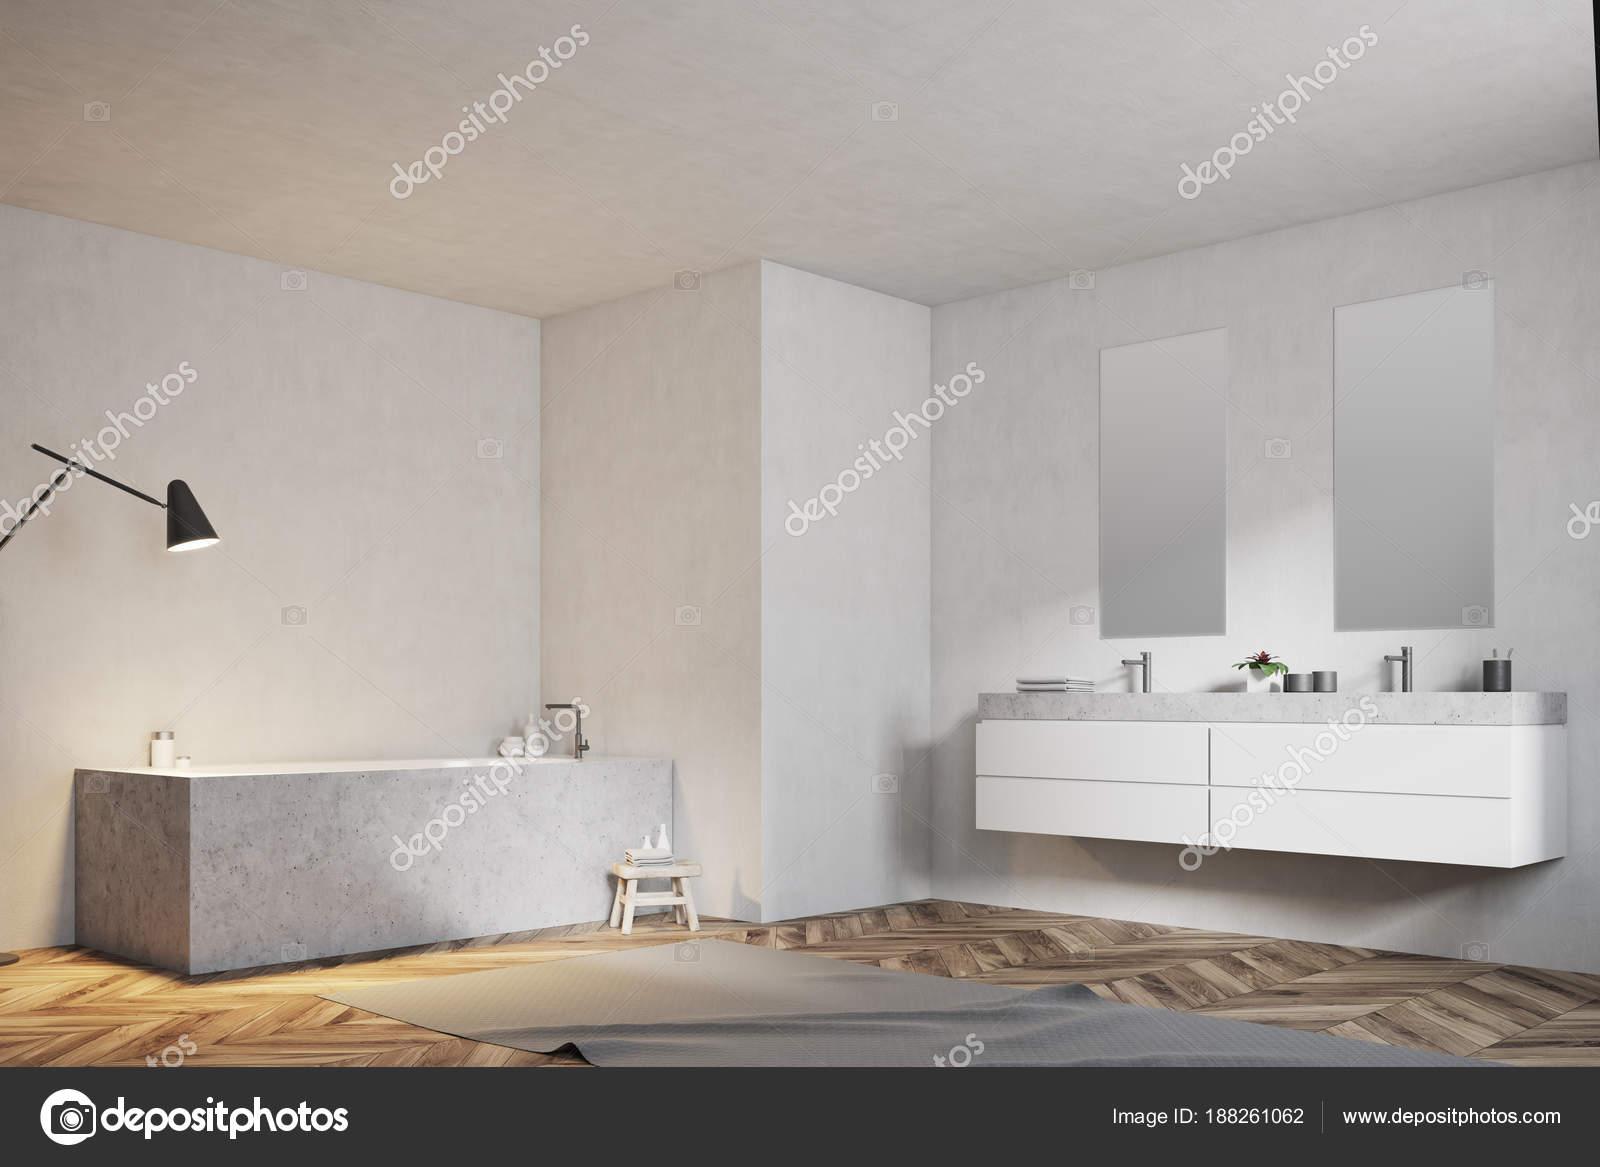 Lavello Bagno Angolare : Bagno bianco vasca angolare e lavandino vista laterale u foto